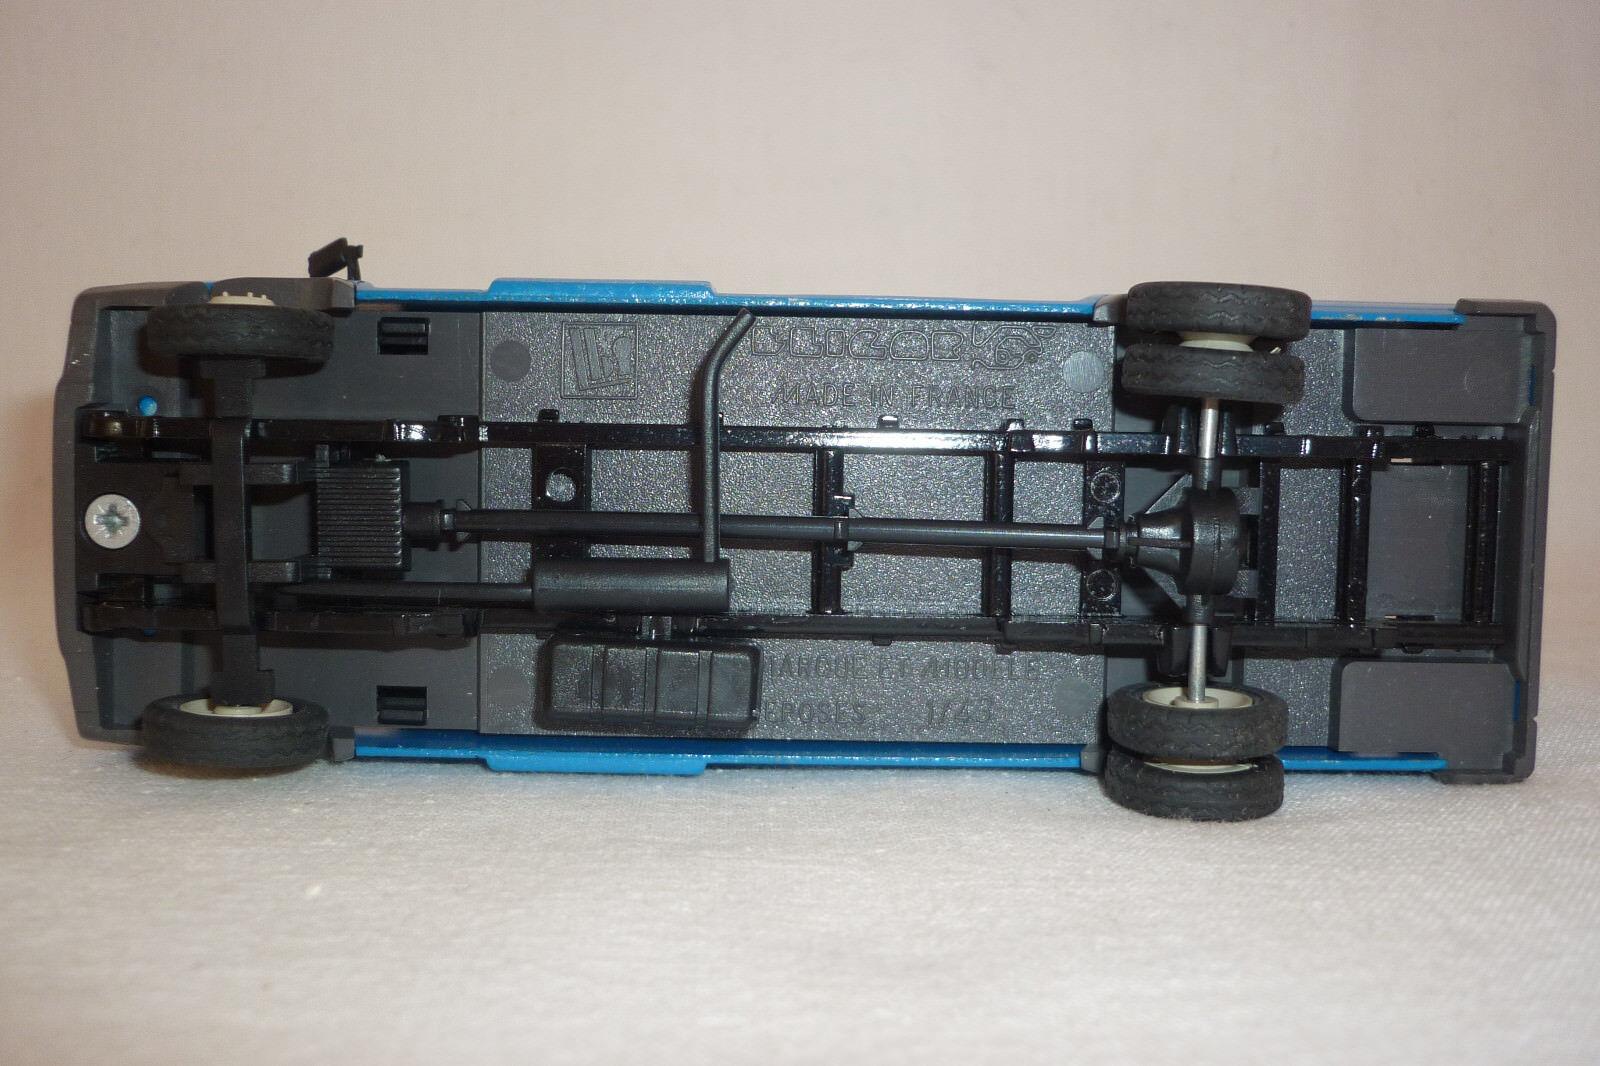 ELIGOR - MODELL - RENAULT - TRANSPORTER  - - - 1 43 -  (4.DIV-43)  | Die Qualität Und Die Verbraucher Zunächst  c4a0df